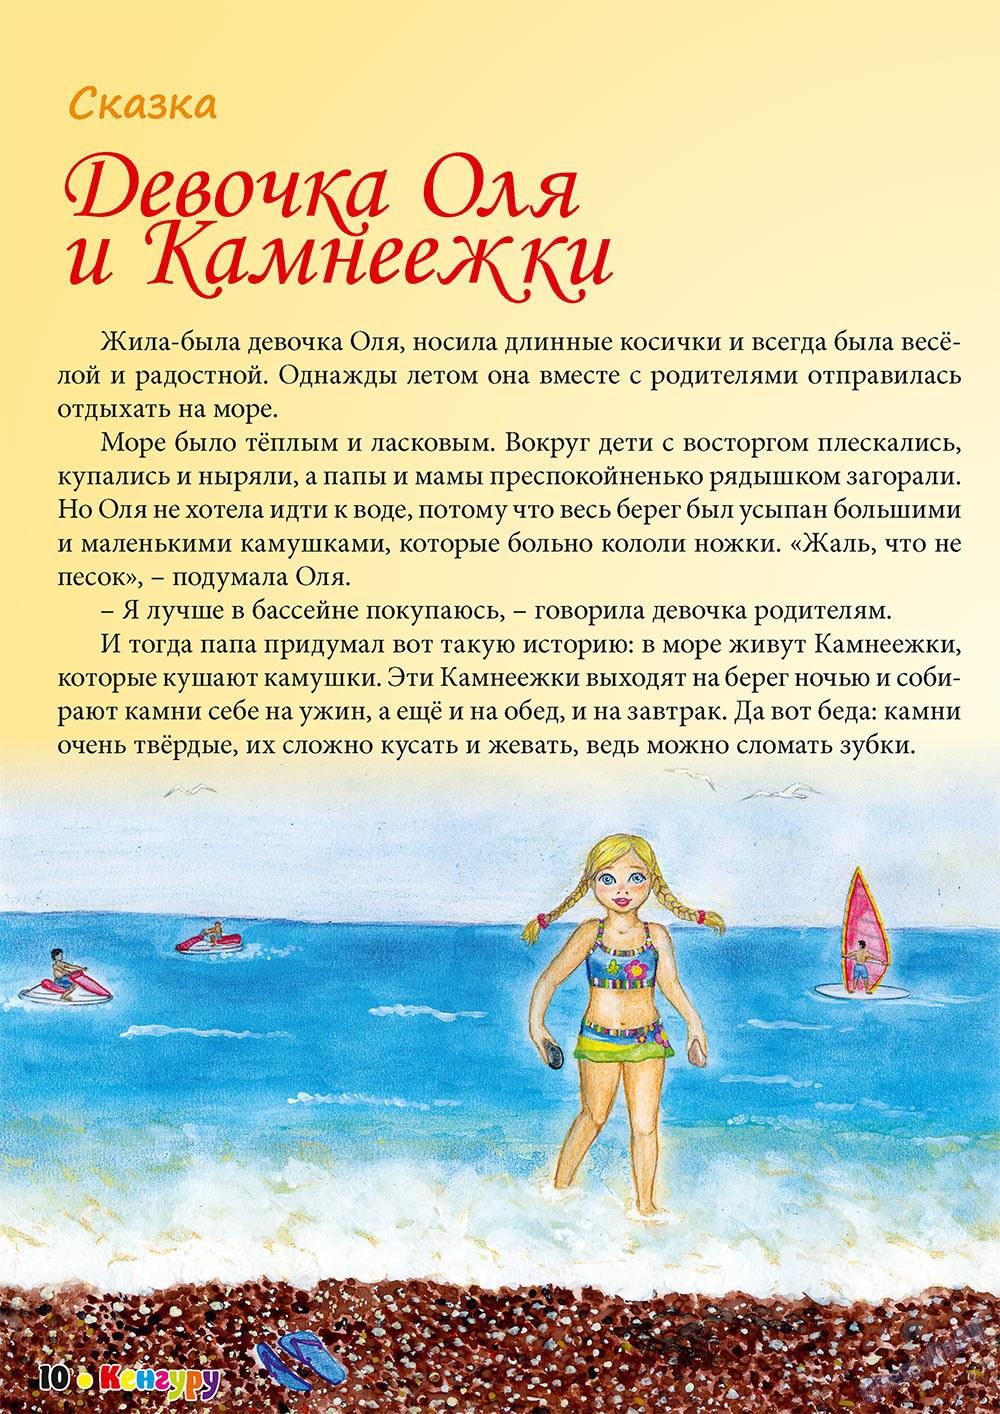 Кенгуру (журнал). 2011 год, номер 2, стр. 10